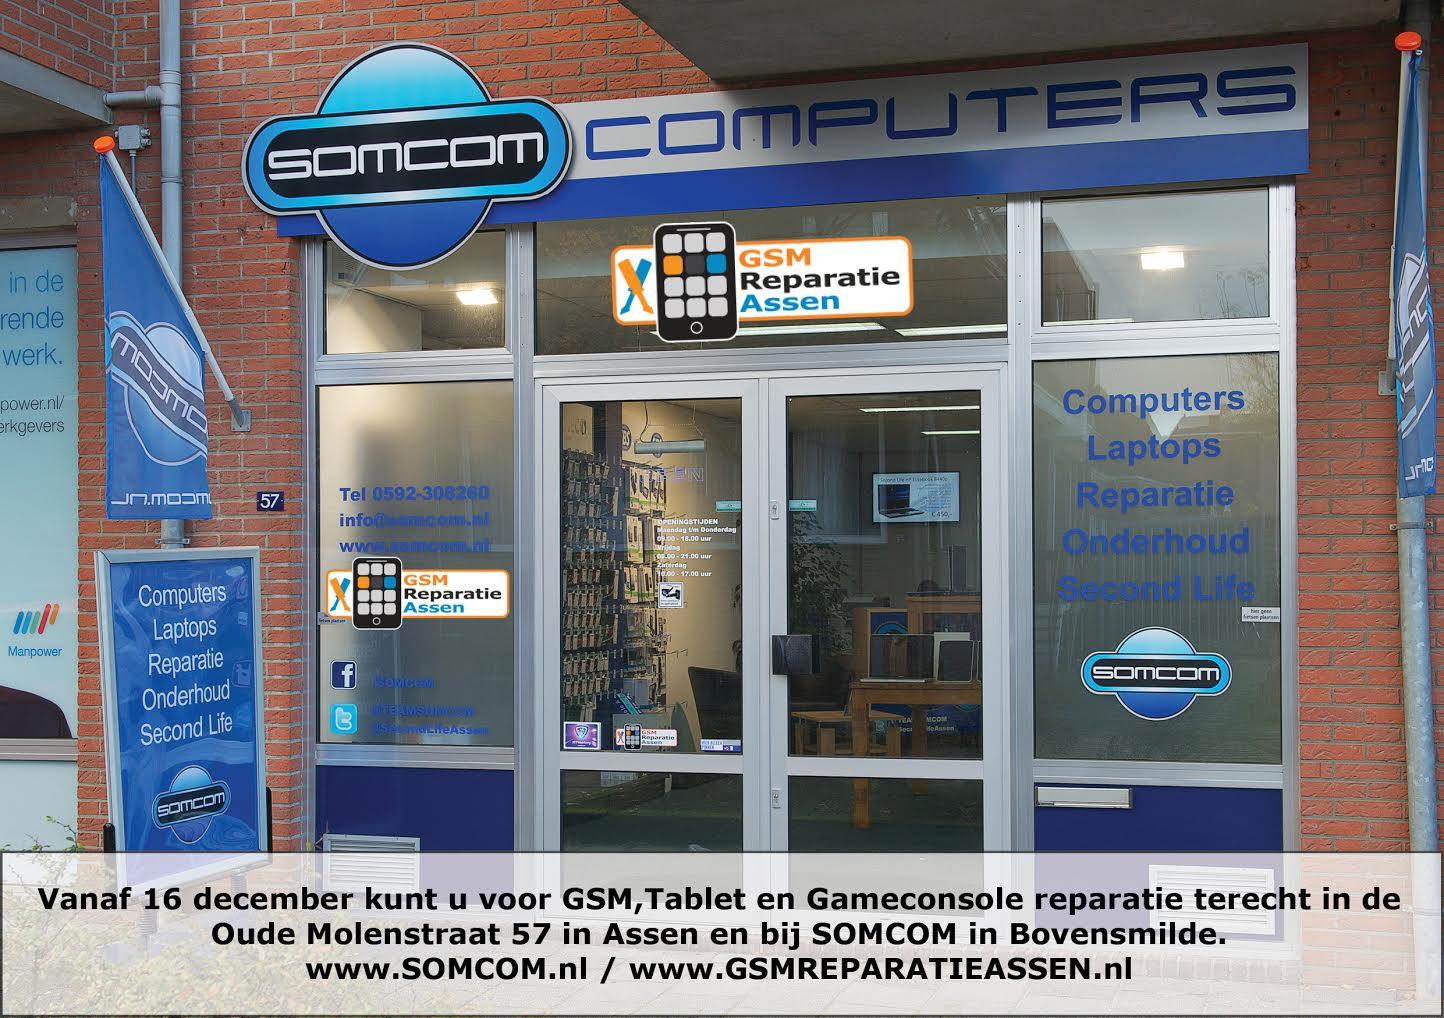 Samenwerking SOMCOM en GSM Reparatie ASSEN